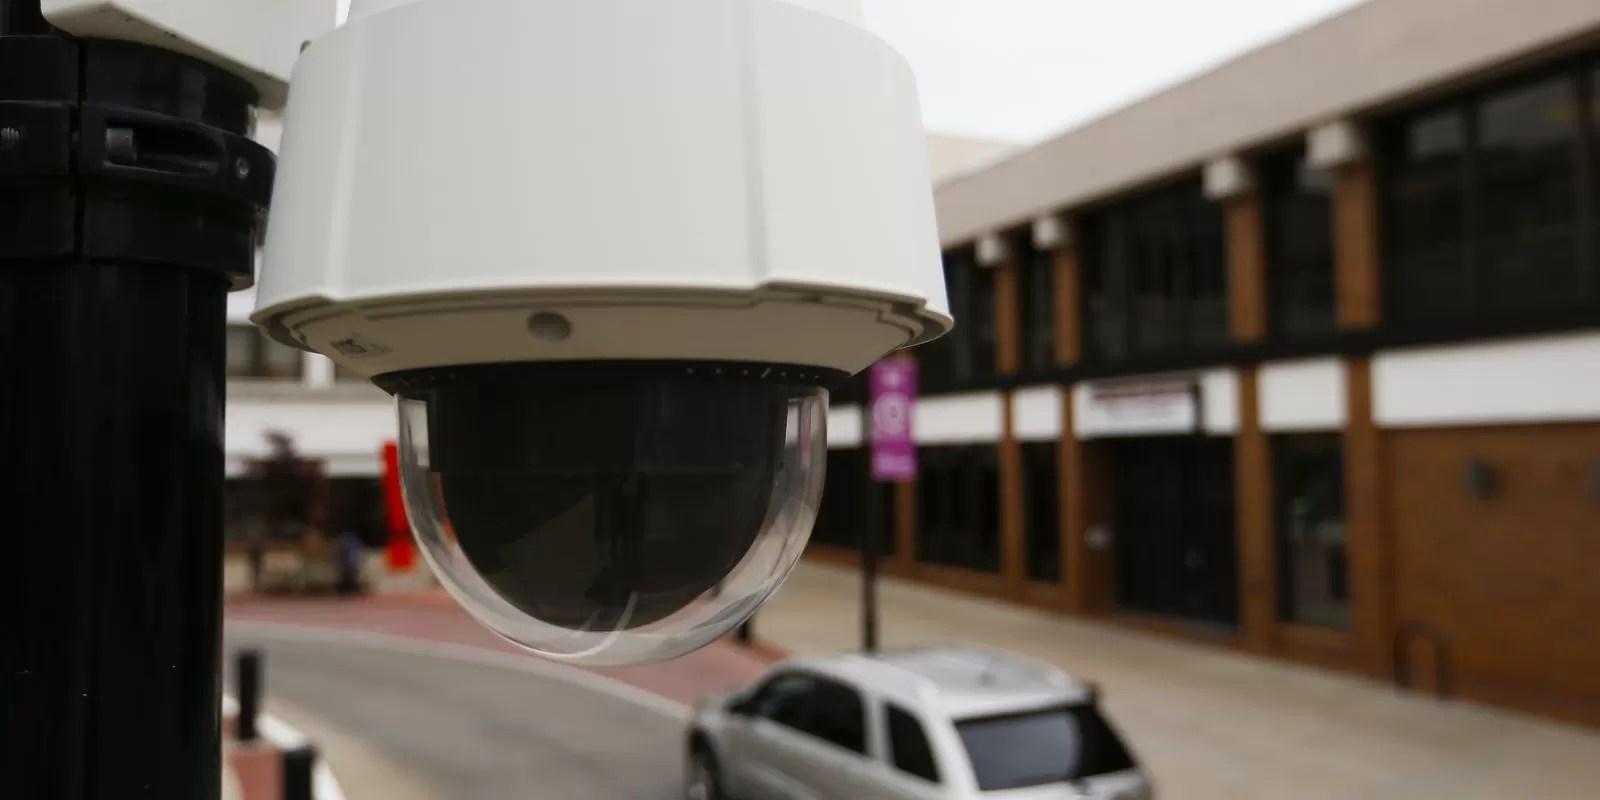 BBG security camera Oshawa